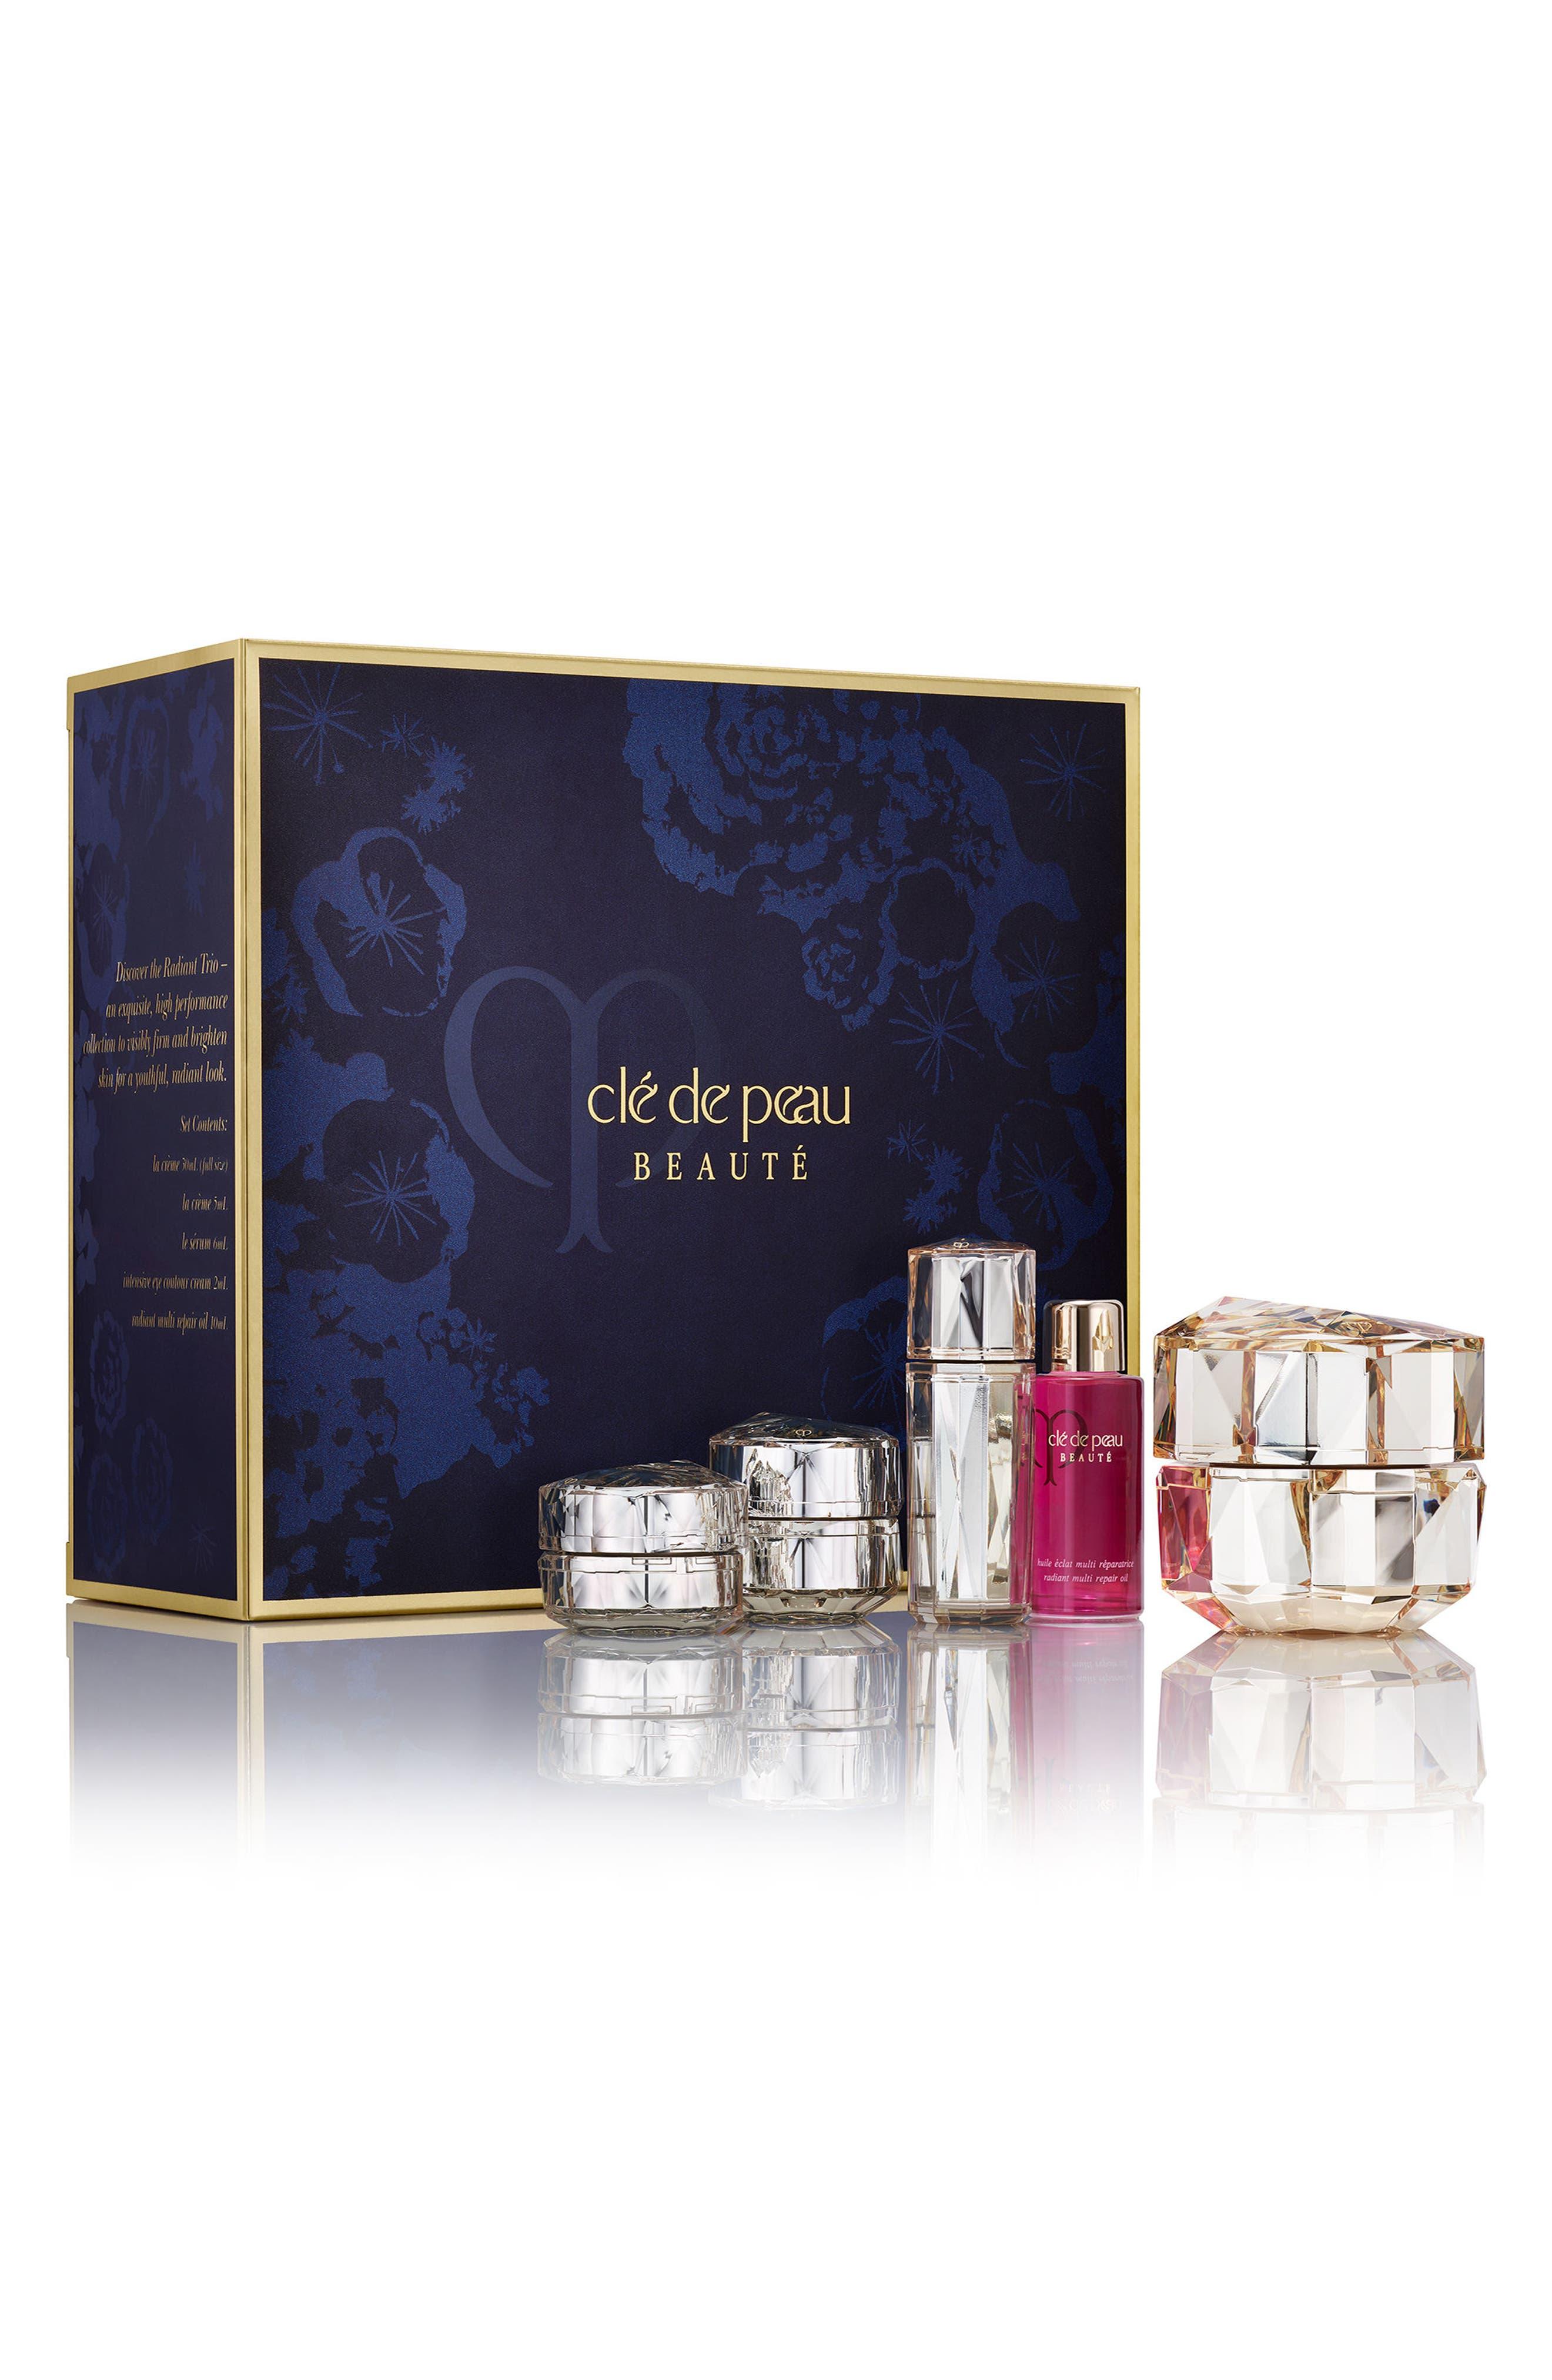 Clé de Peau Beauté Radiant Trio Collection ($729 Value)